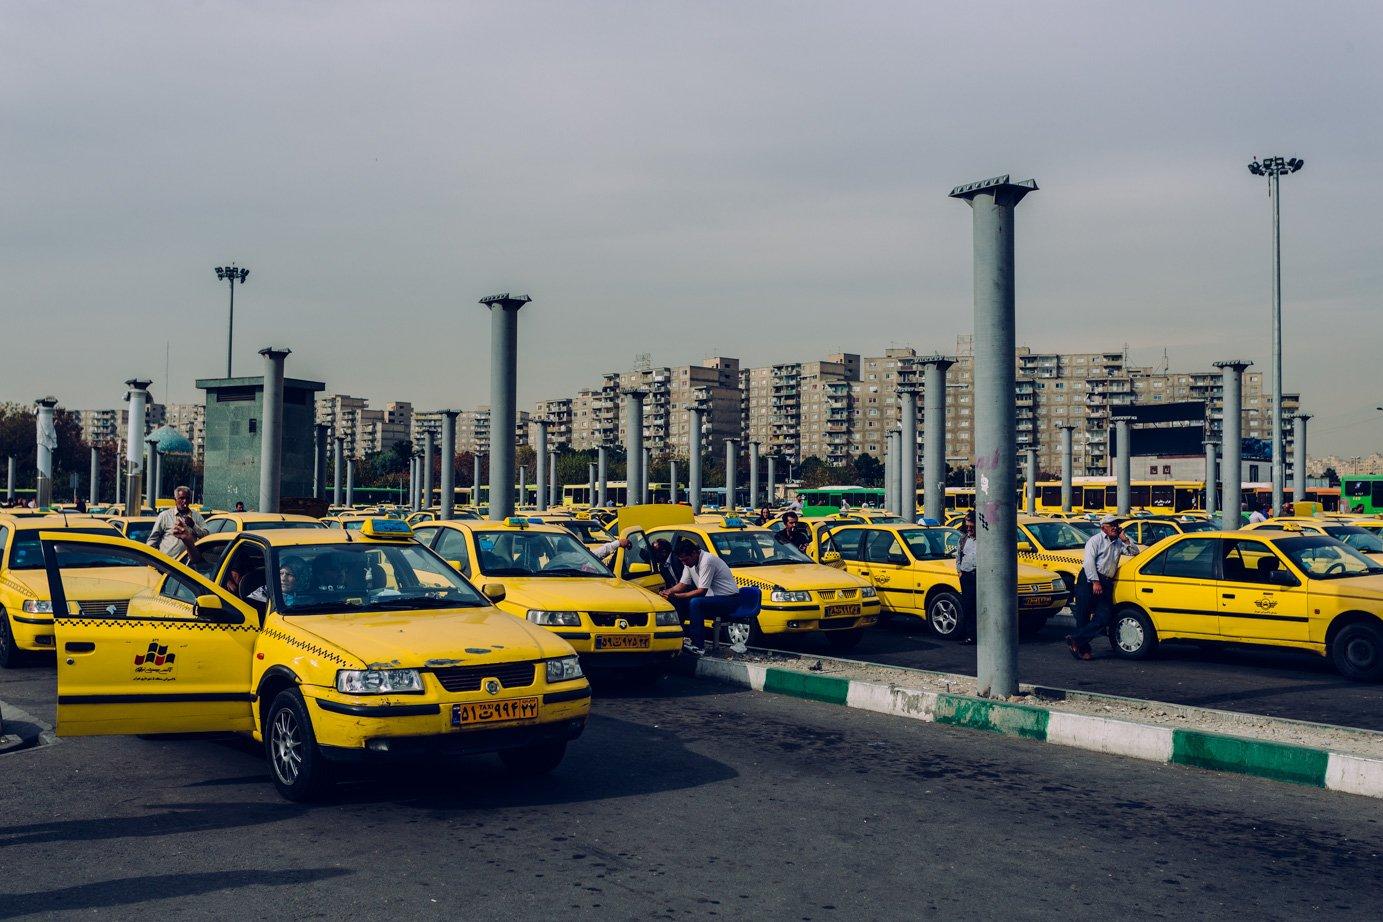 Żółte taksówki są wszędzie, mkną jak strzała ulicami, ajak nie mkną tostoją wkorkach. Korki tonieodłączny element teherańskiego krajobrazu.